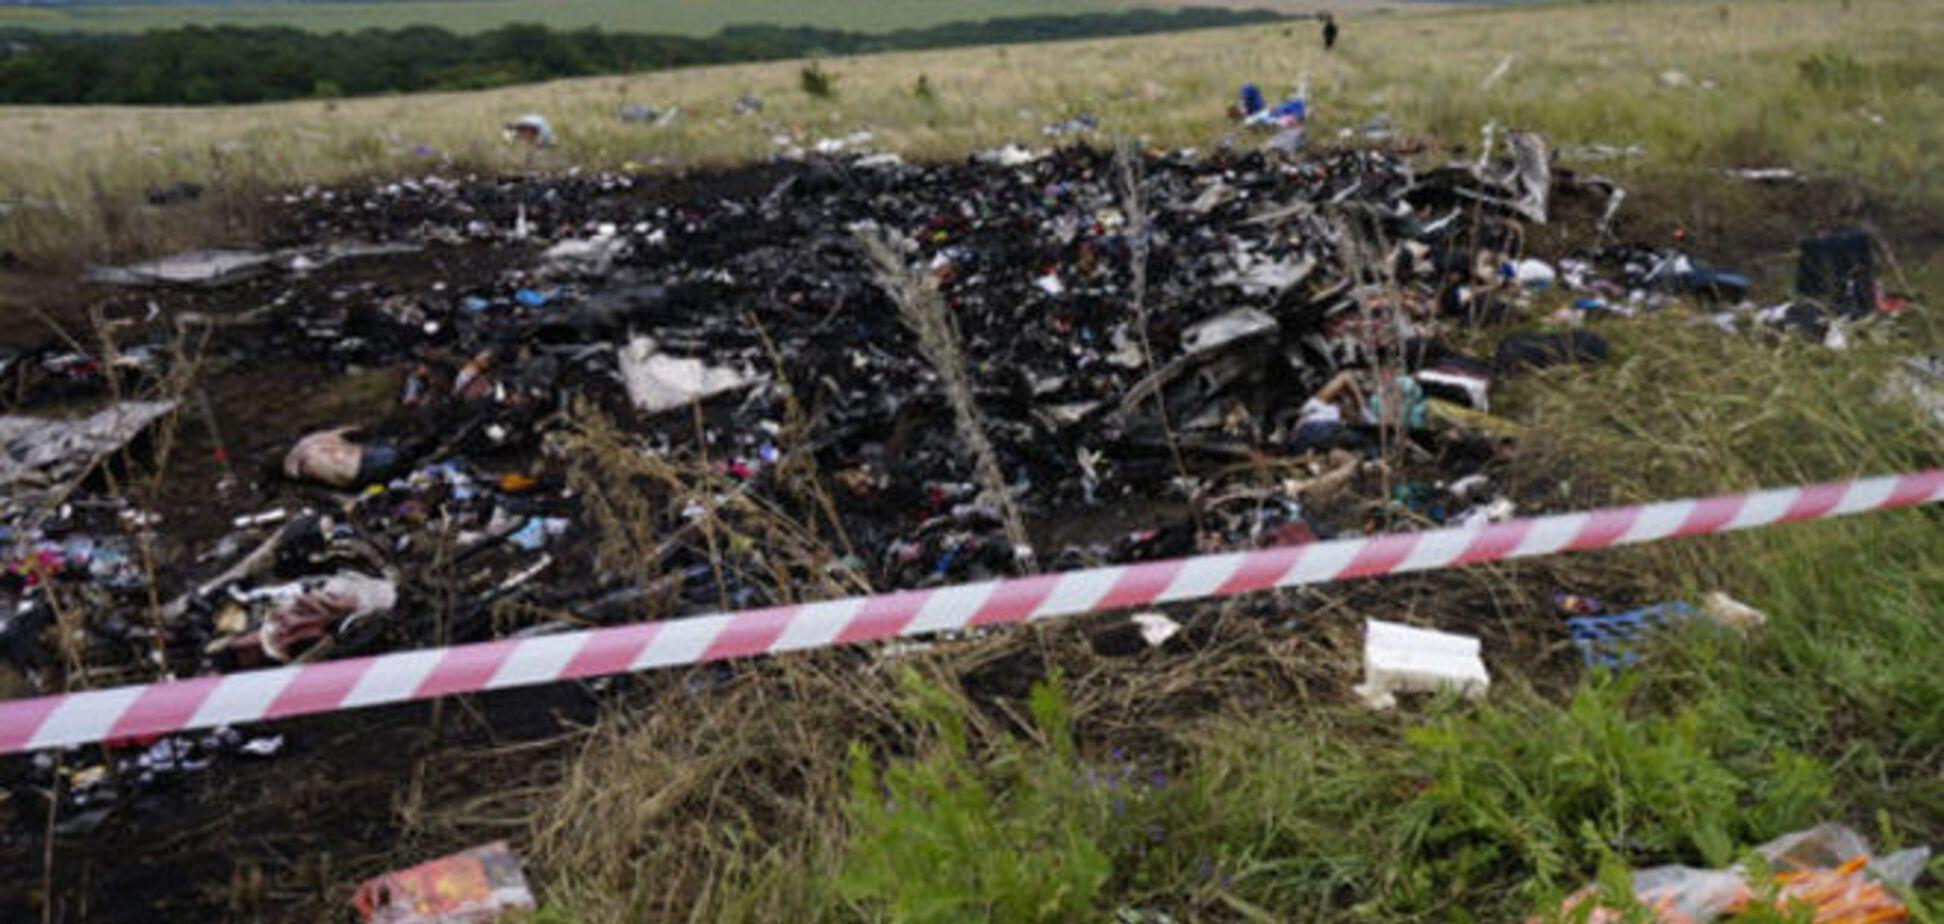 Нидерланды планируют опознать всех жертв с MH17 до 1 июля